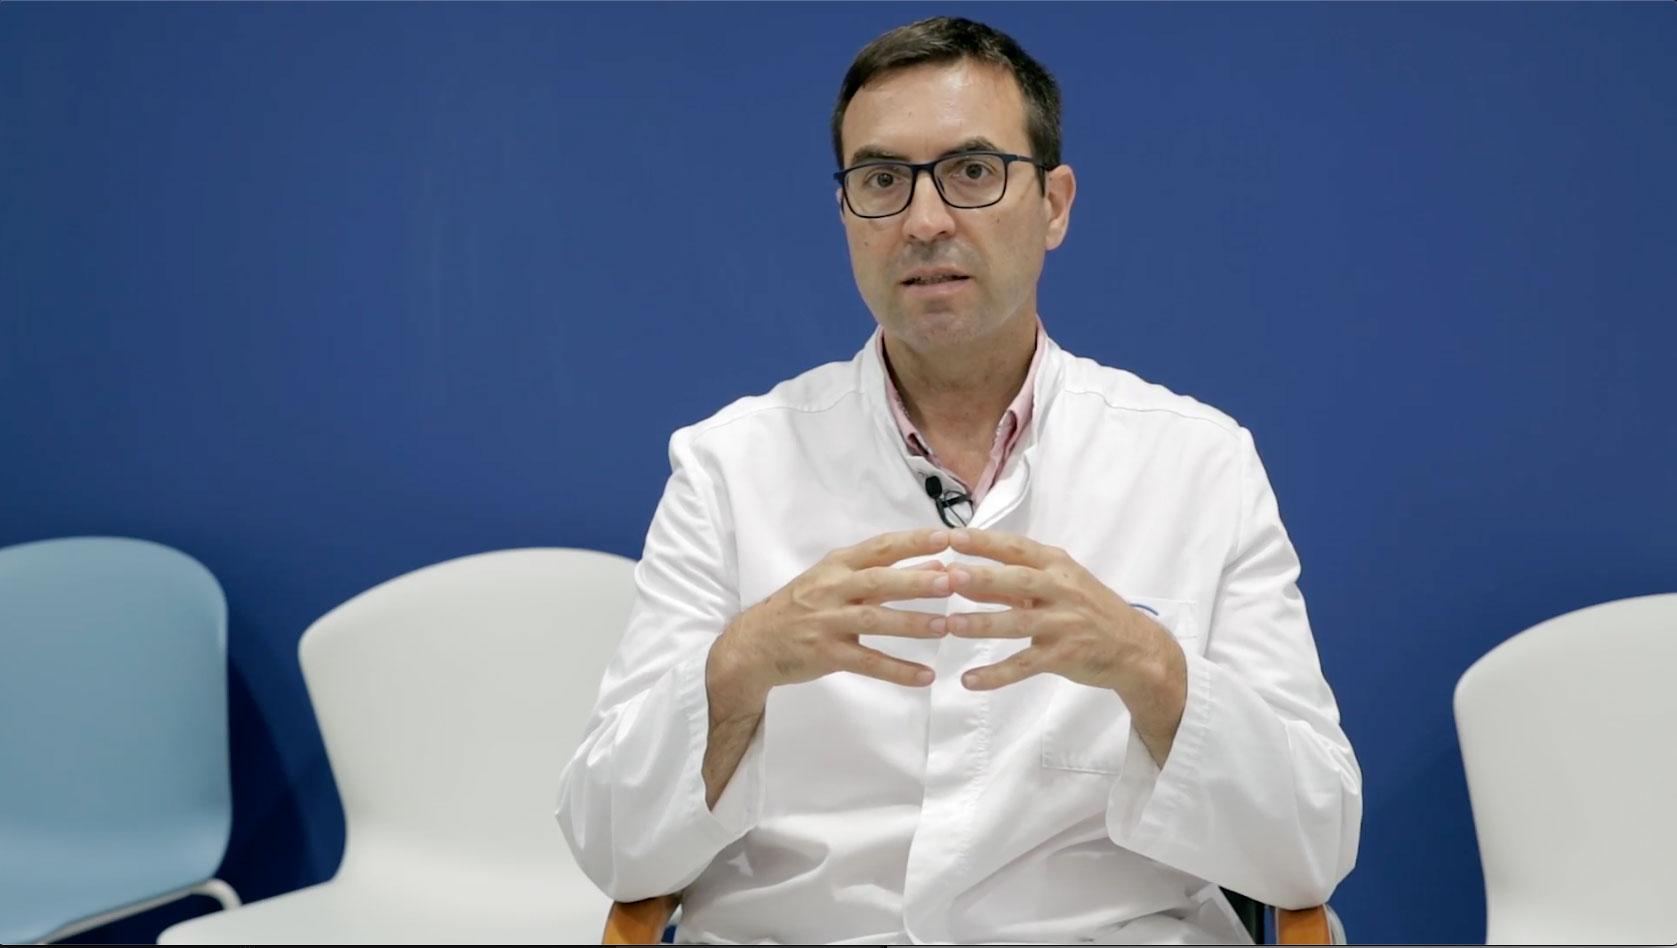 Dr. Jaume Català